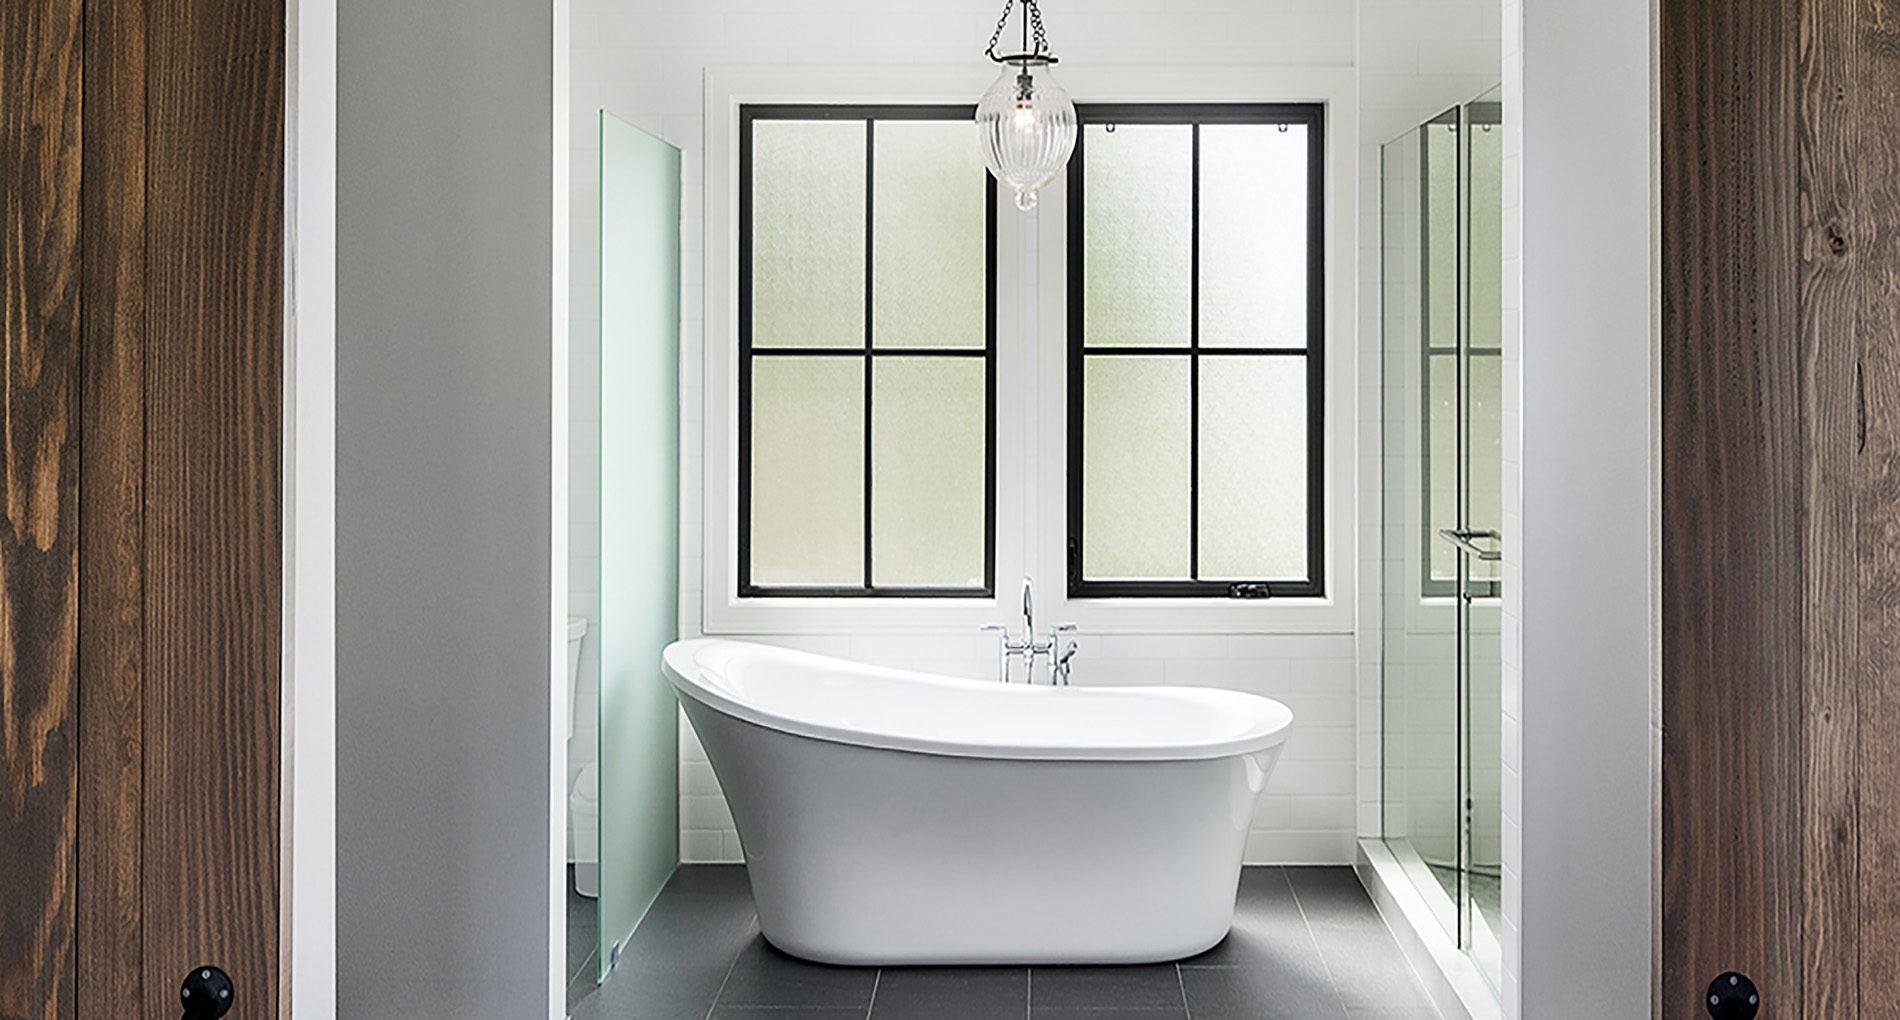 Bathroom Renovations & Design in Surrey | Alair Homes Surrey